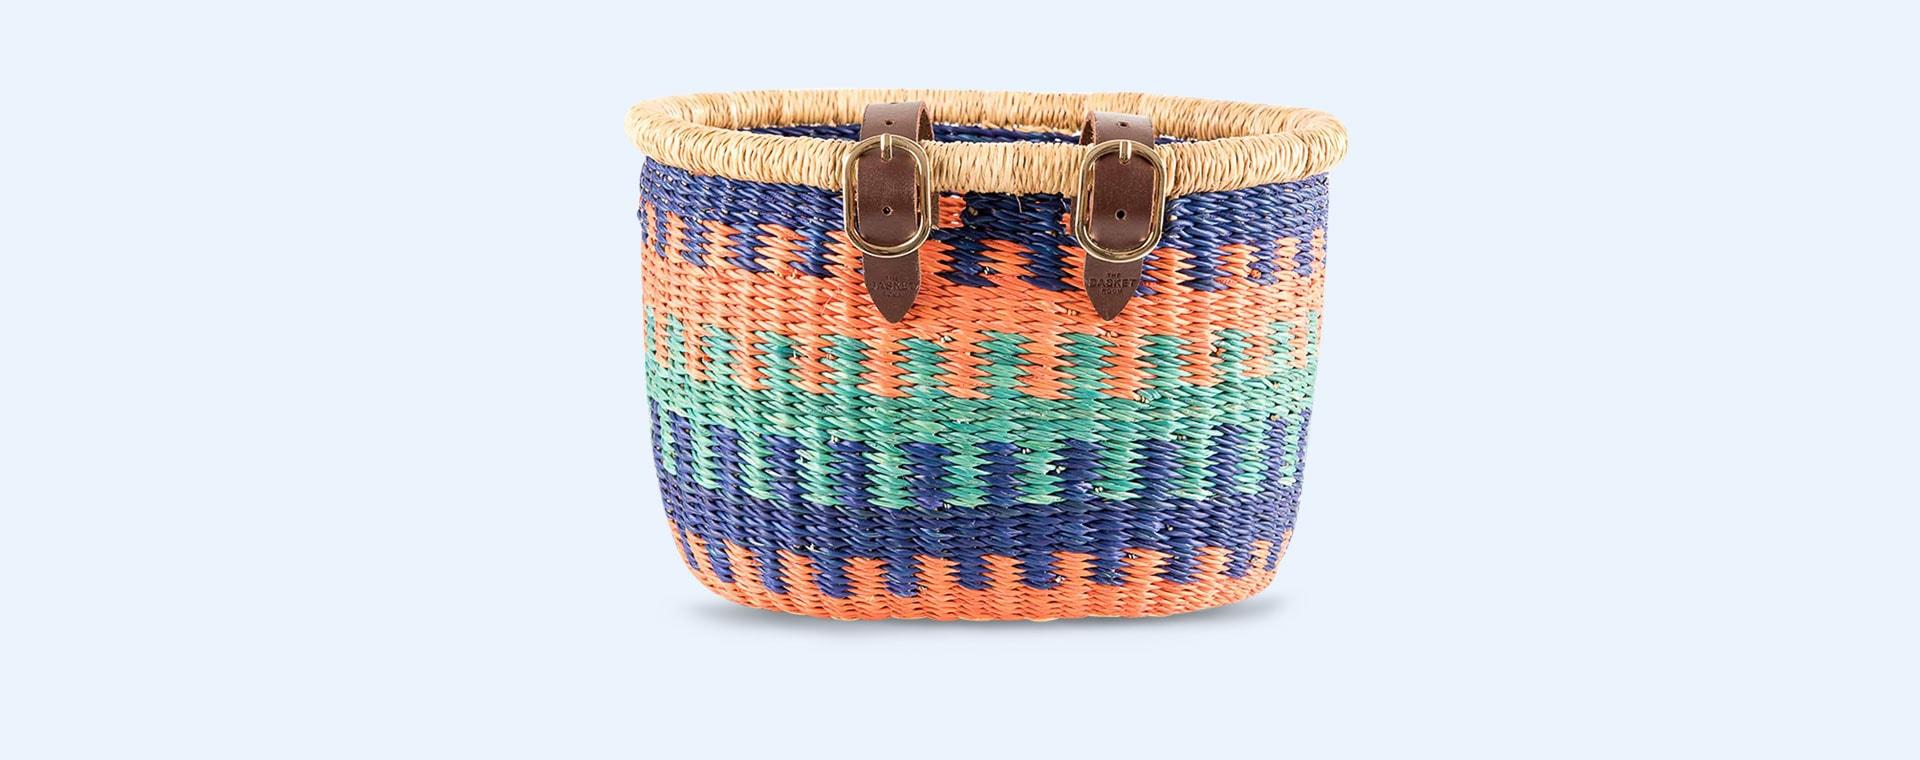 Red/Blue/Mint The Basket Room Bike Basket